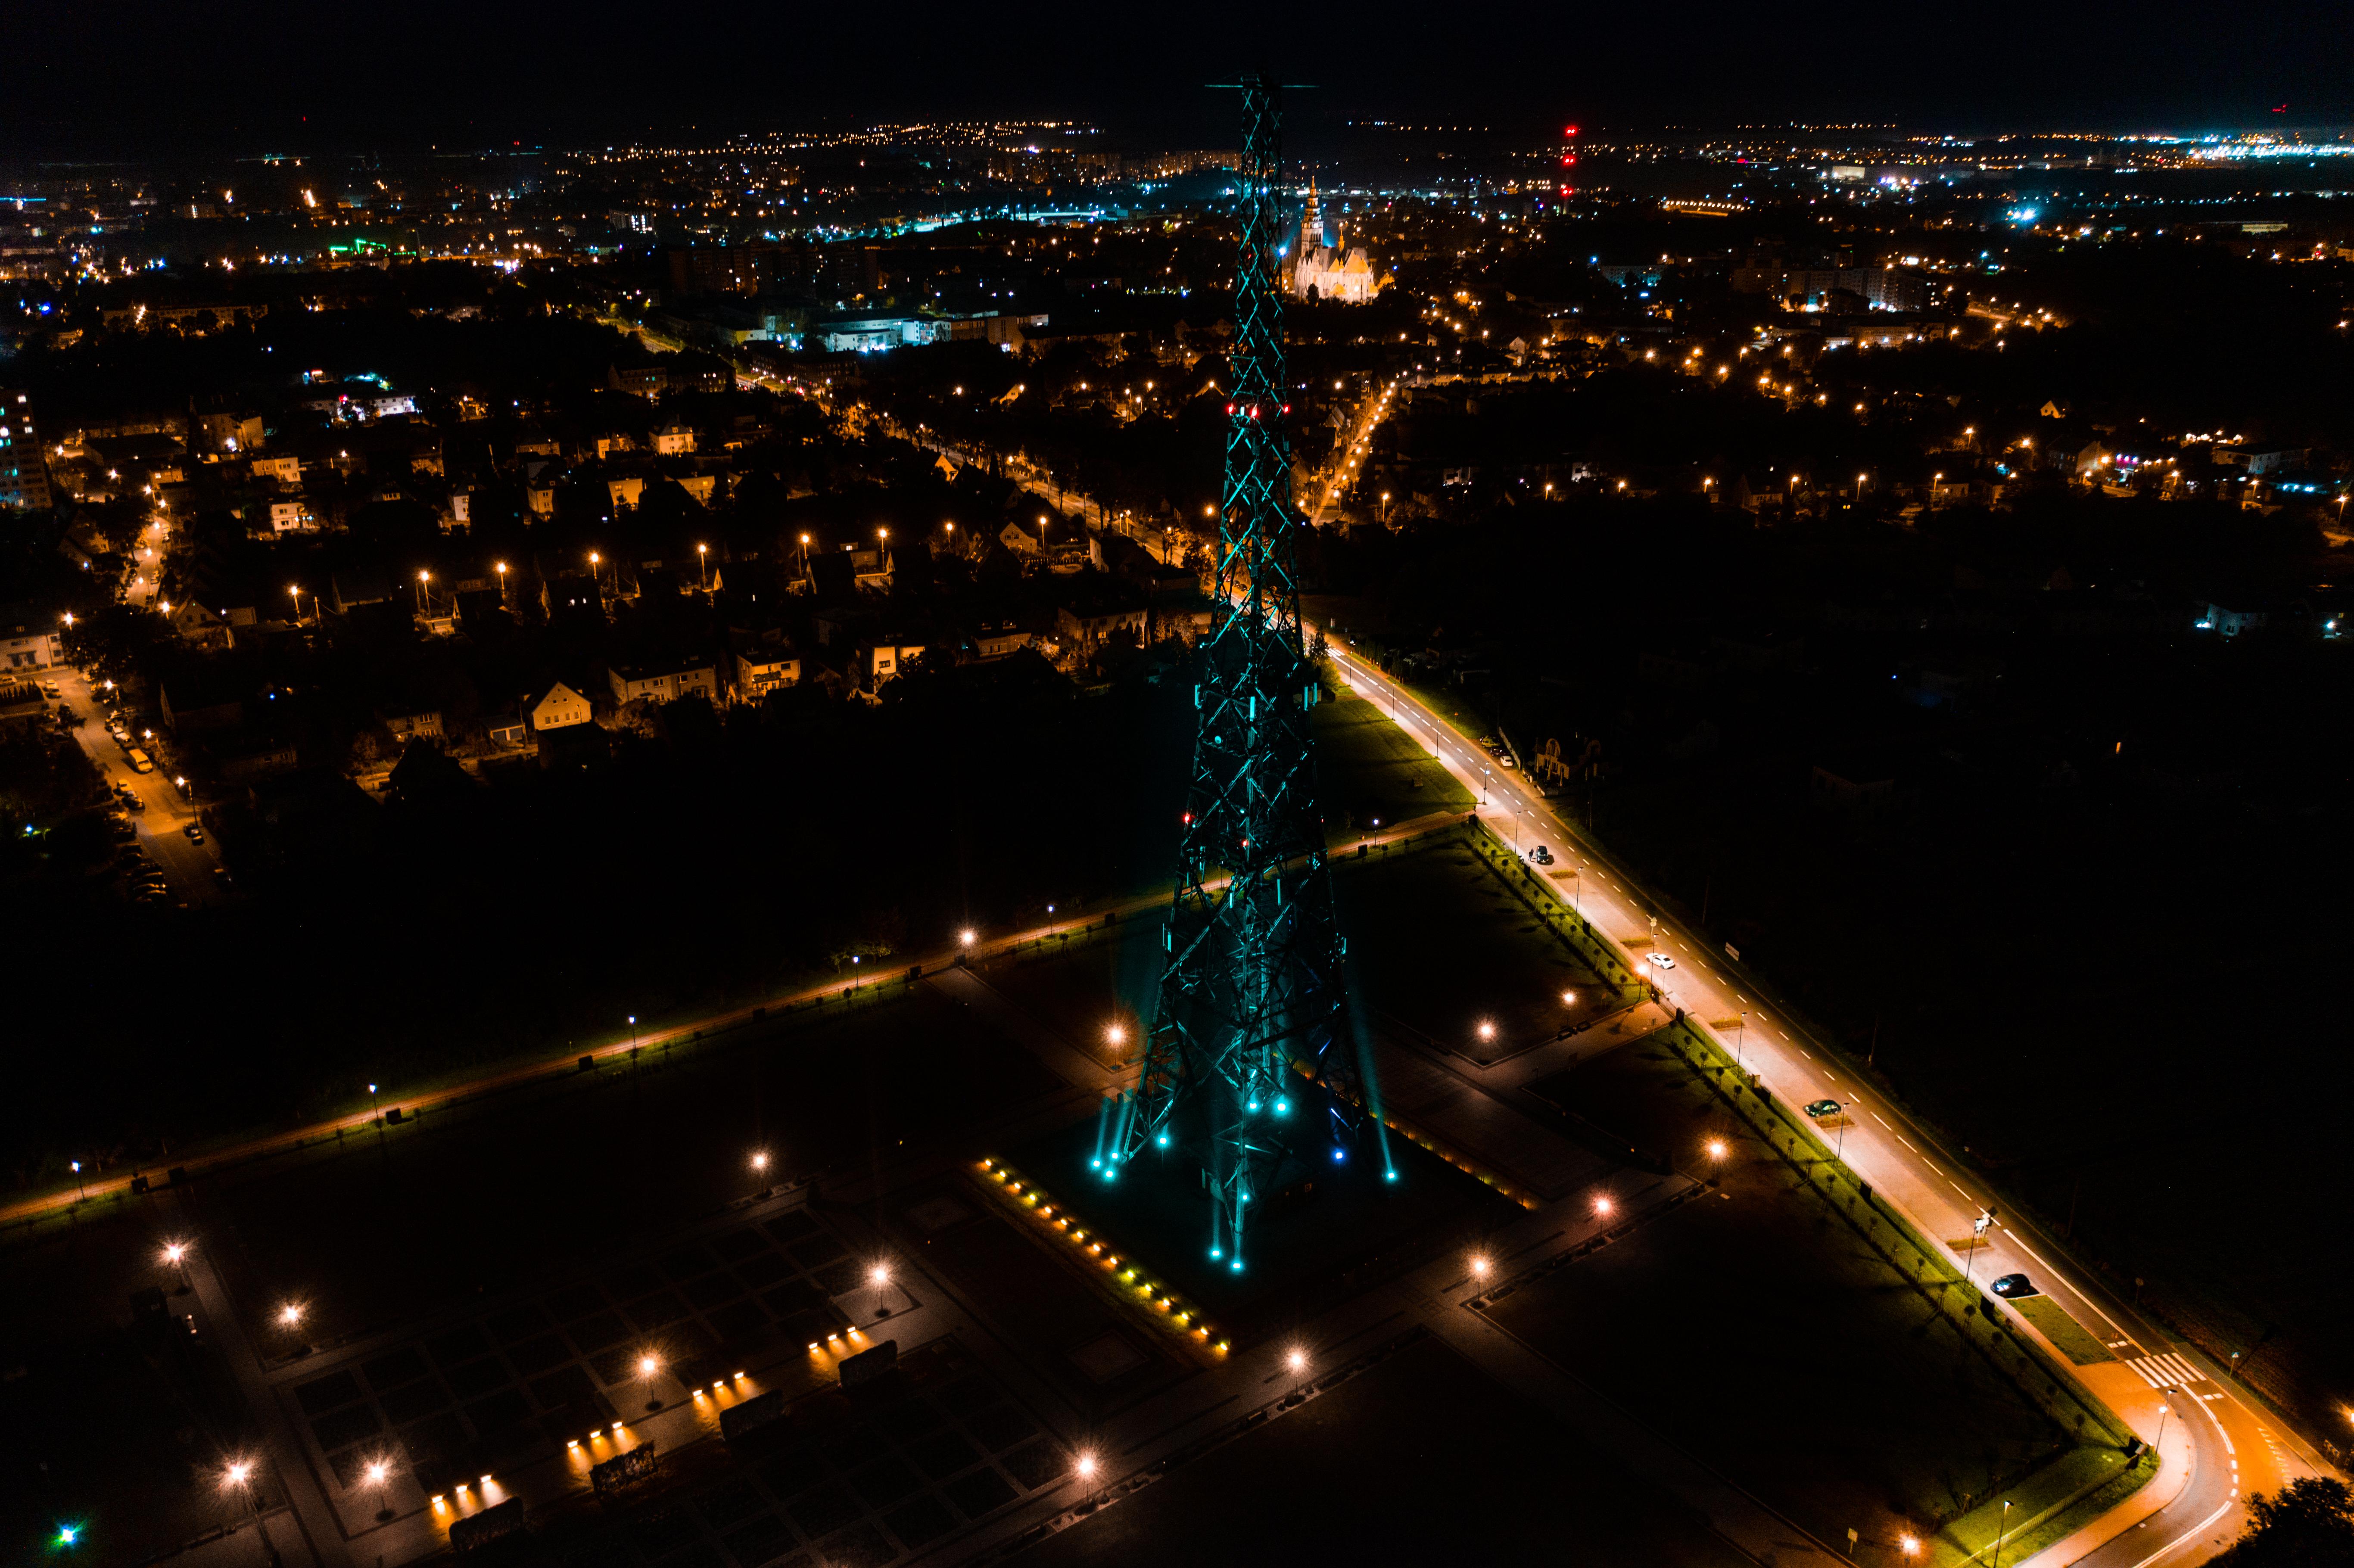 podświetlona na zielono Radiostacja